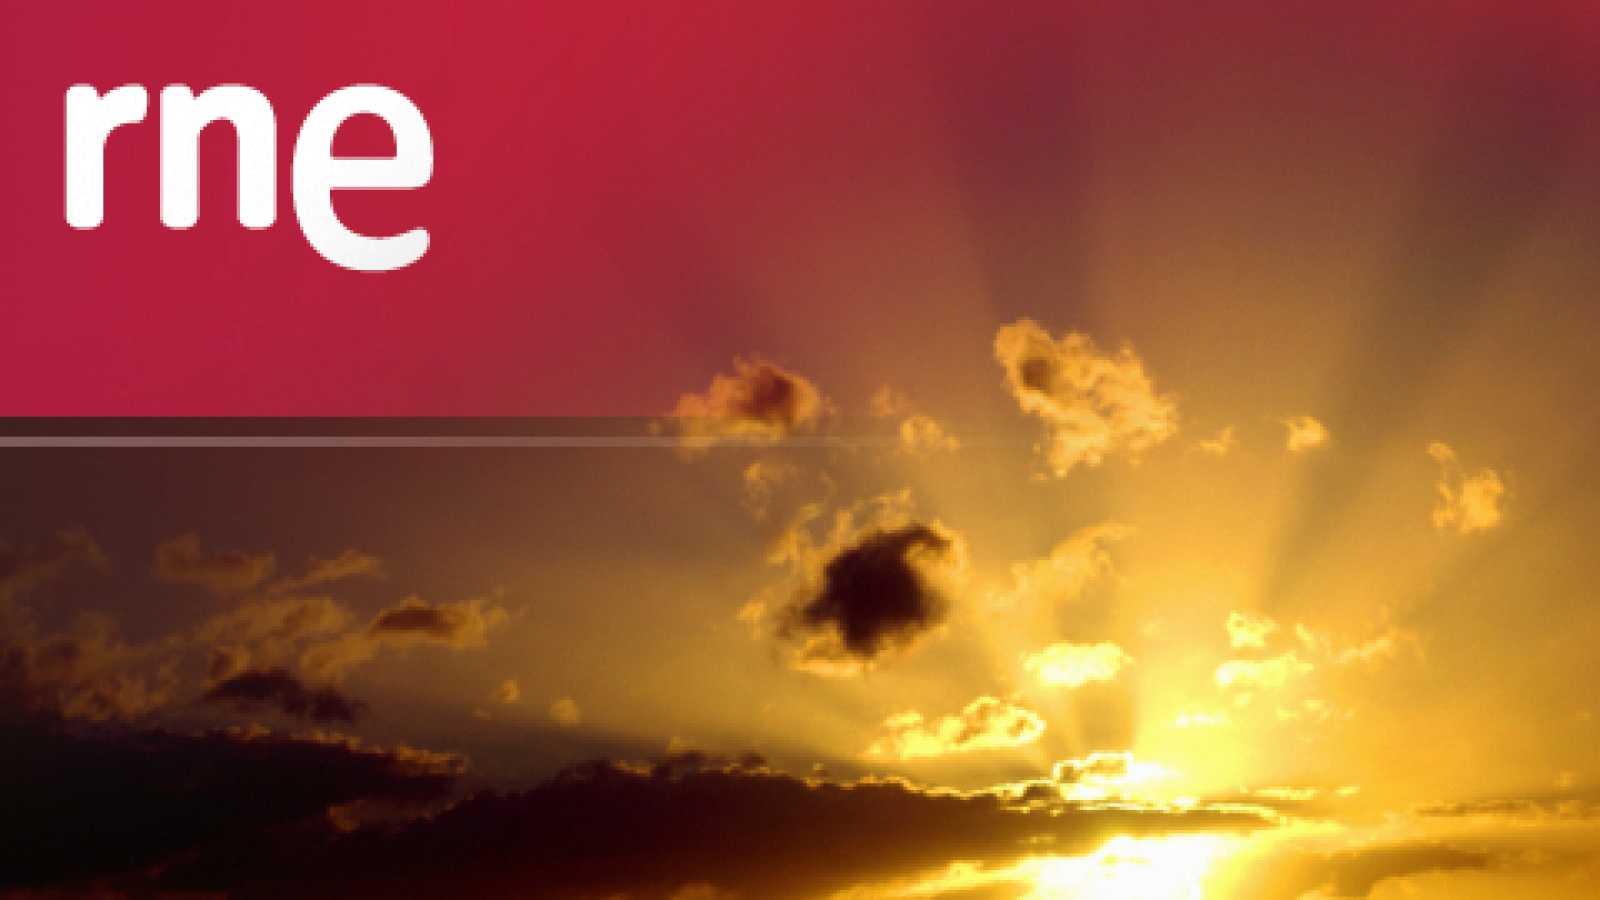 Alborada - Limosna, oración y ayuno para aligerar equipaje - 19/02/21 - escuchar ahora